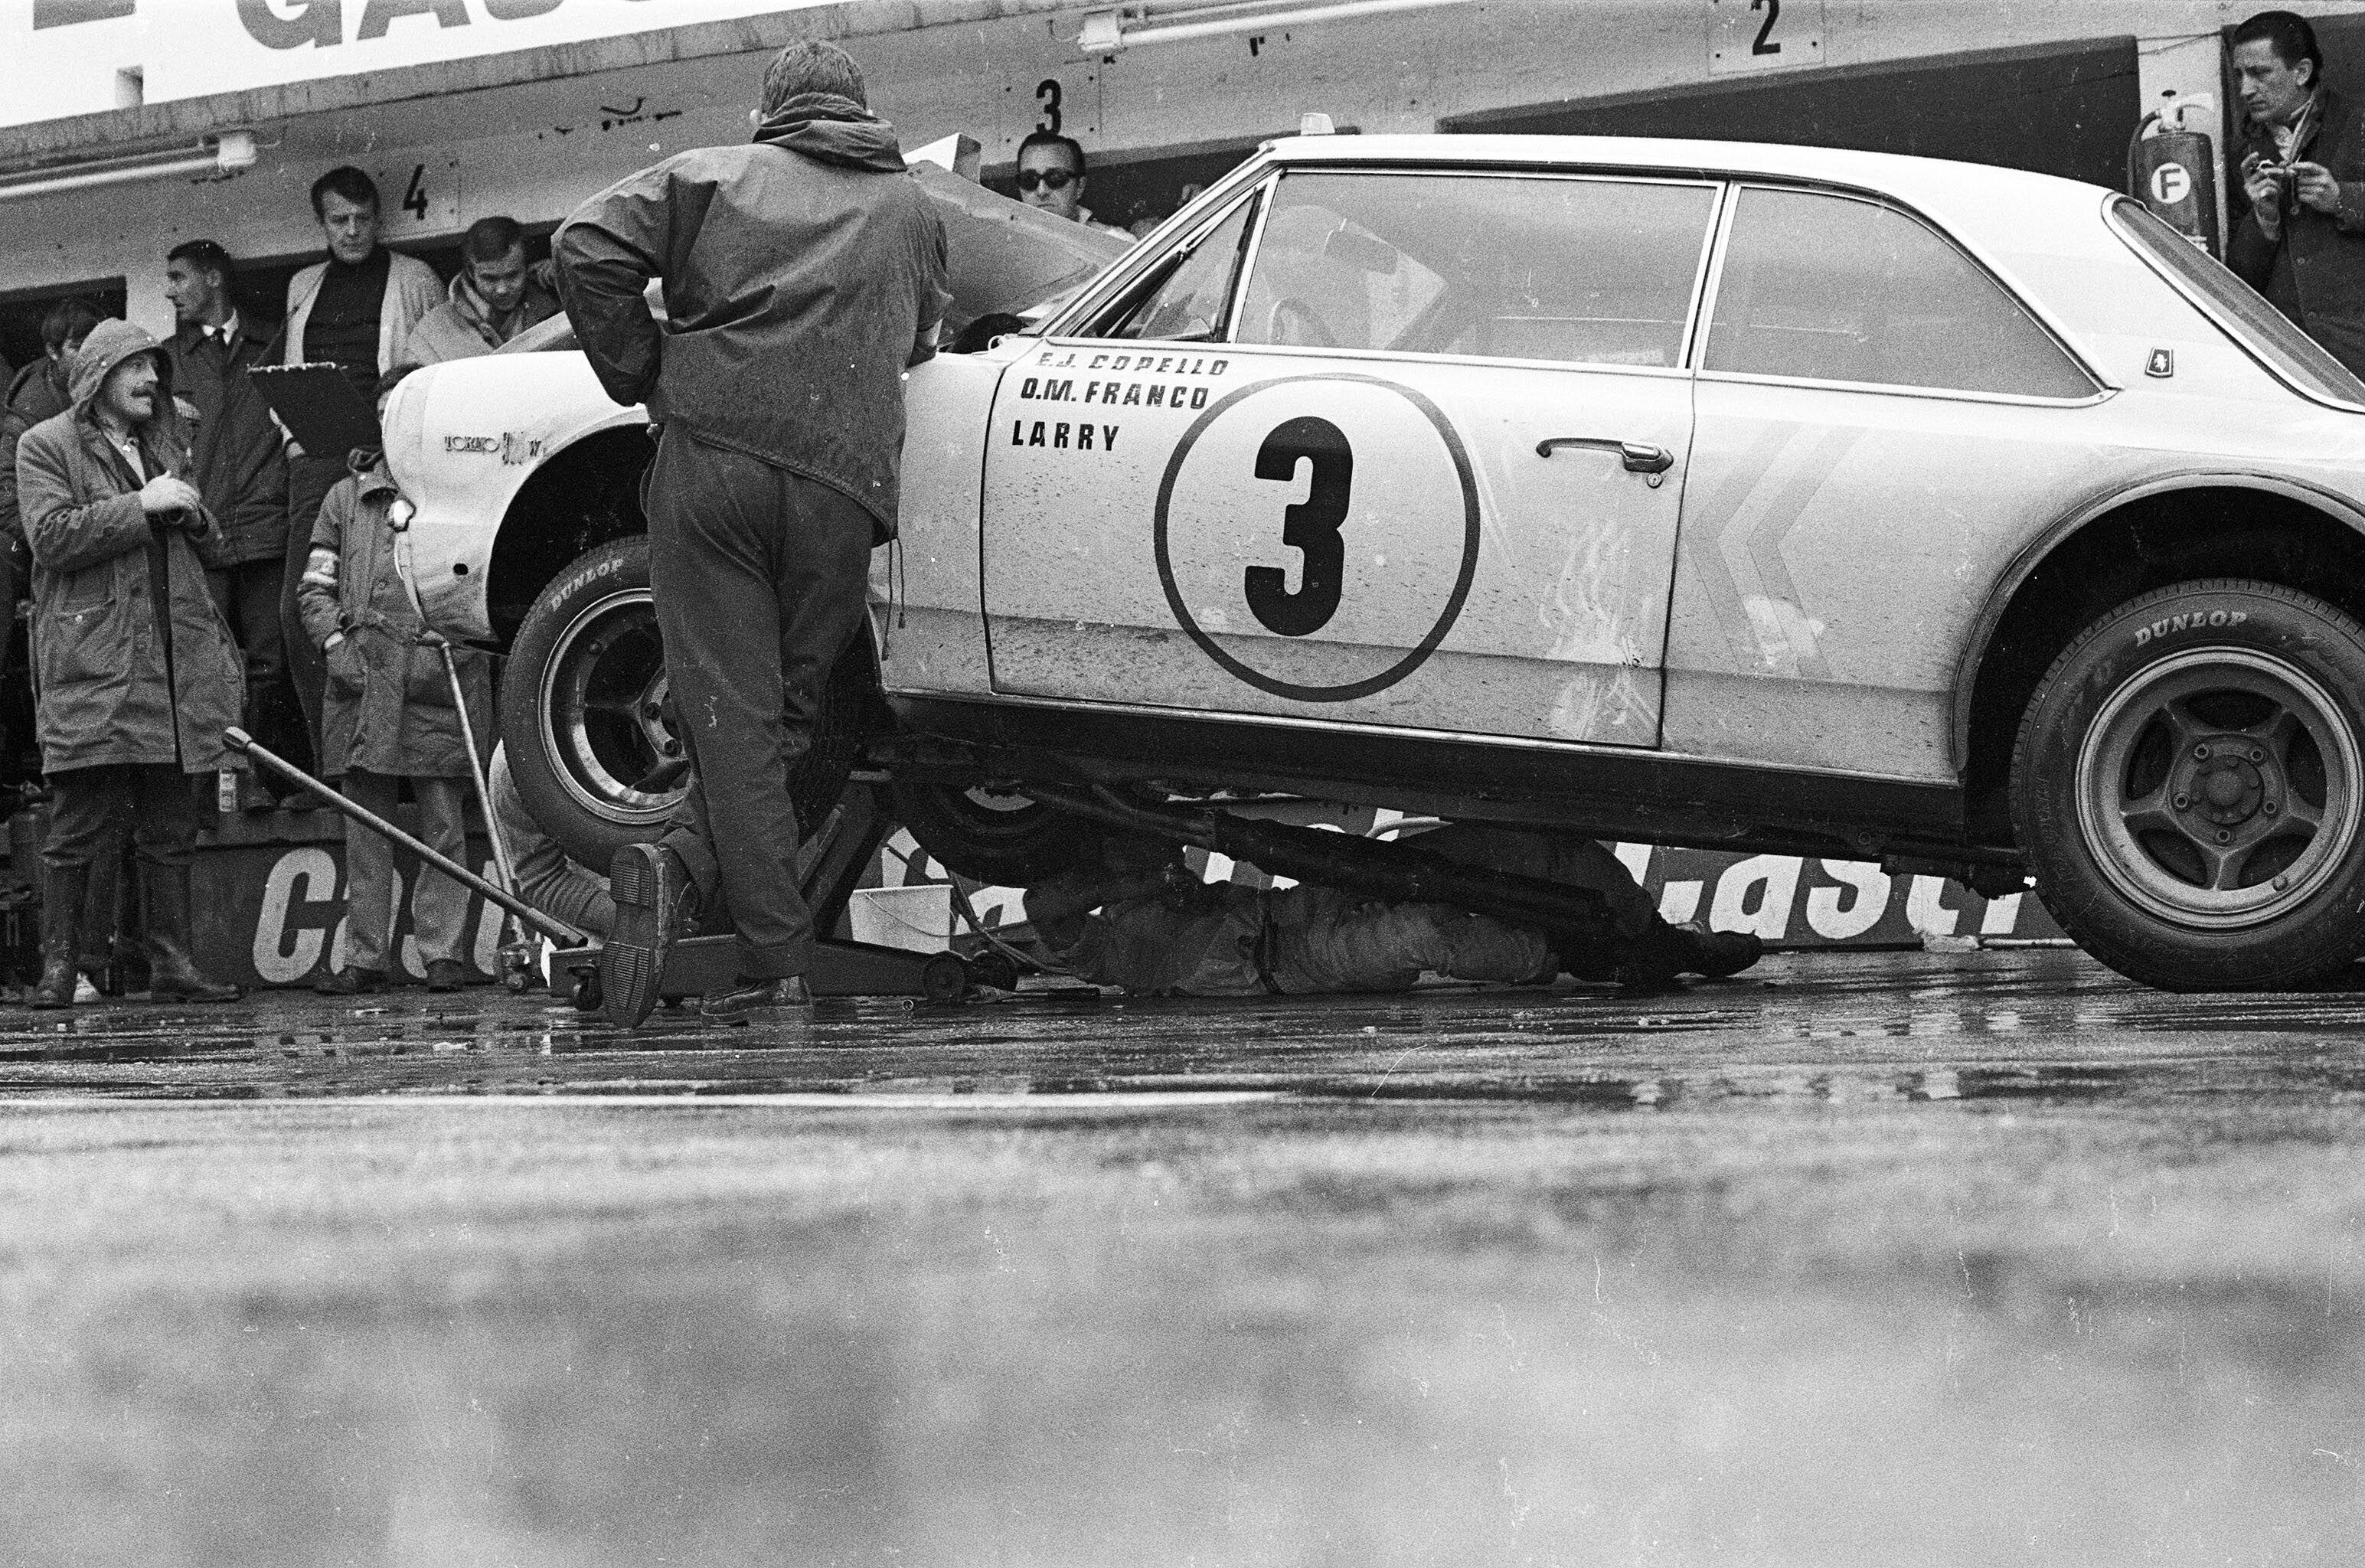 Se rompió el caño de escape del único Torino en pie. El ruido superaba los 83 decibeles permitidos y Larry tuvo que arreglarlo. Fue el fin.